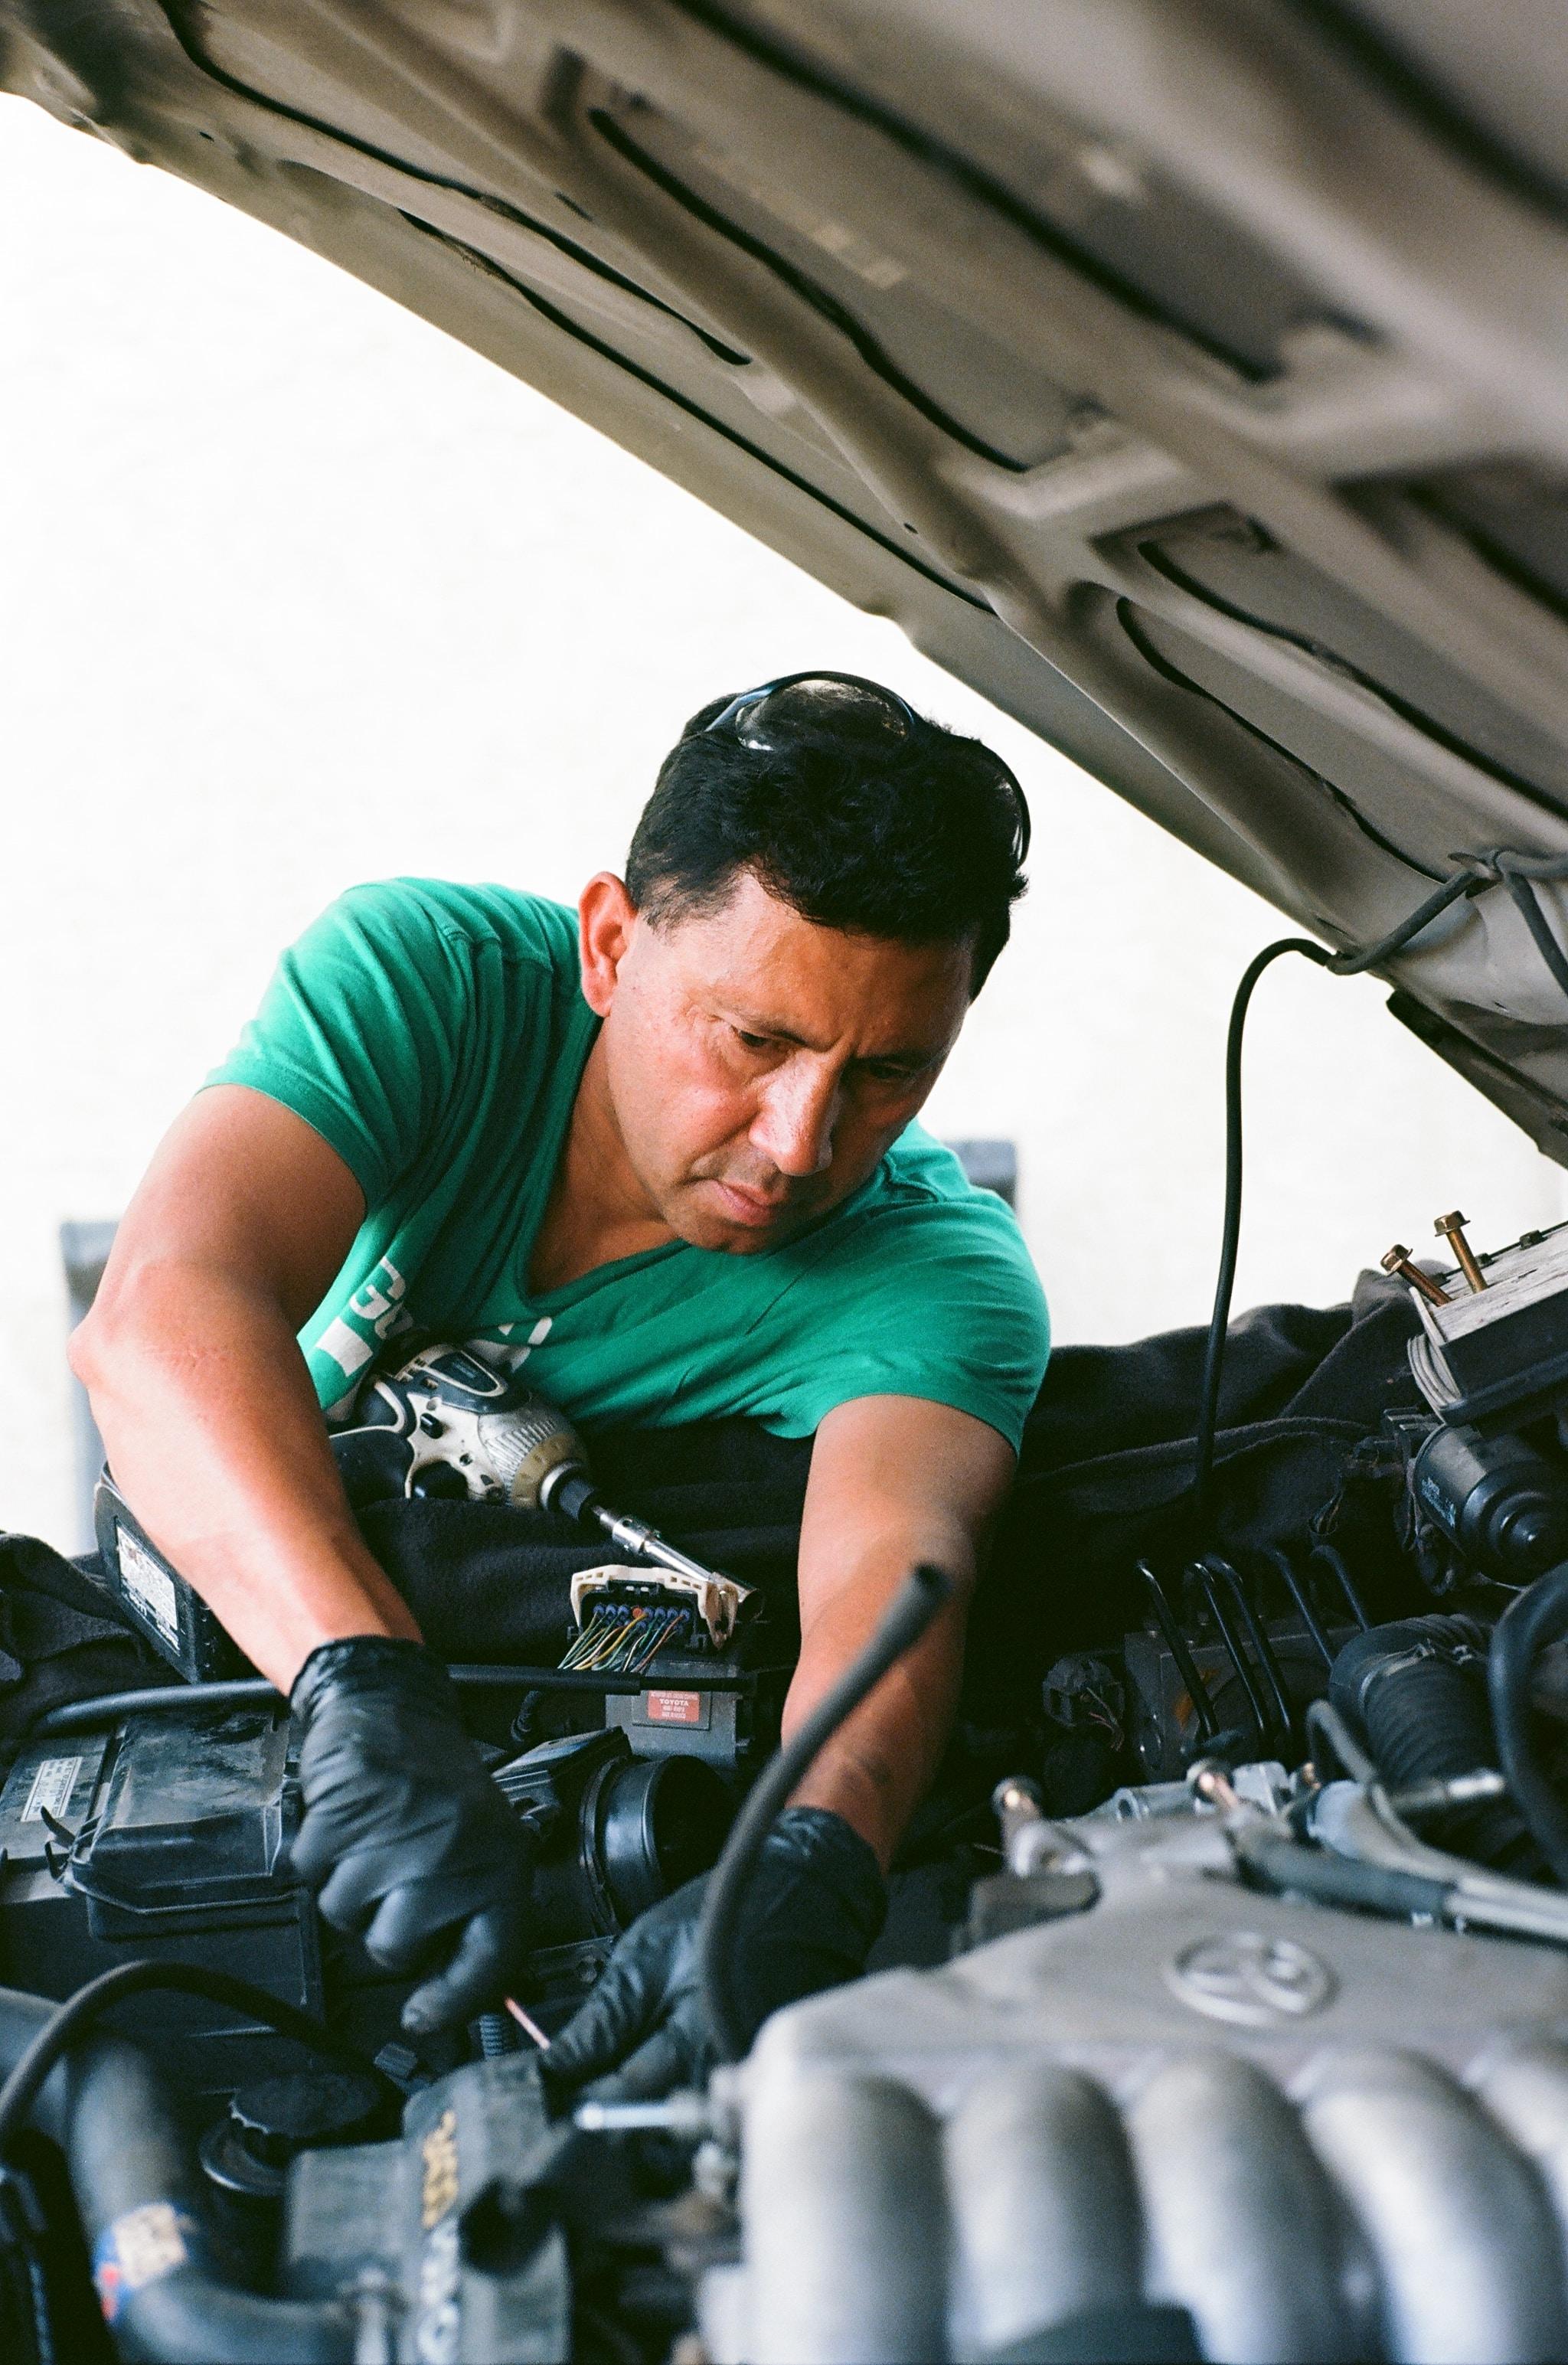 man repairing vehicle engine